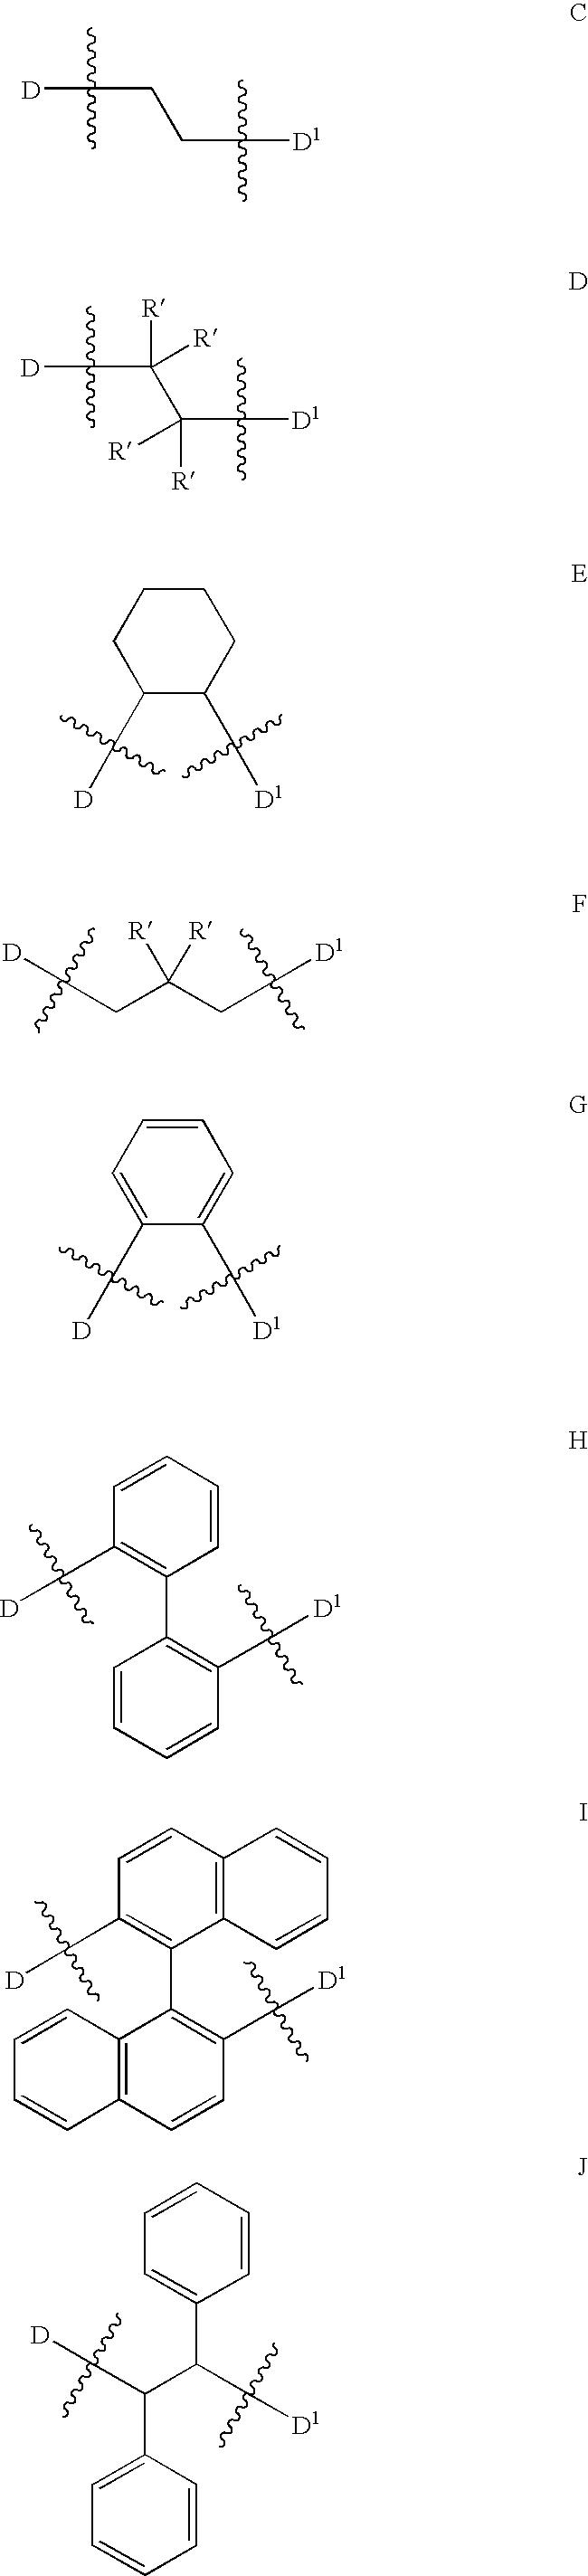 Figure US20050227860A1-20051013-C00024